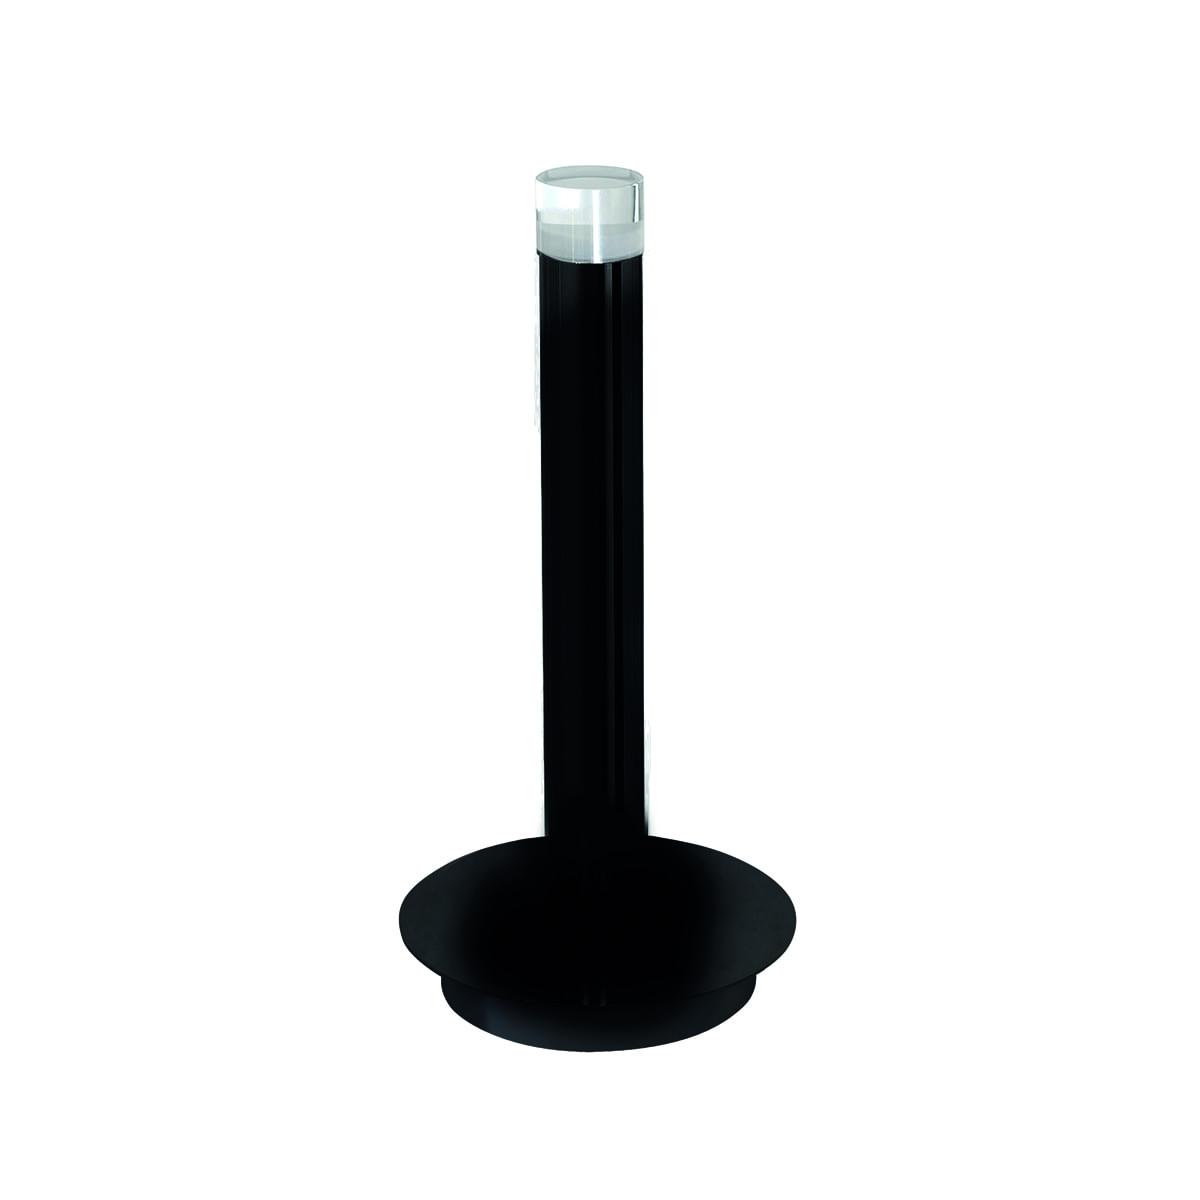 Nástěnné svítidlo Milagro CARBON 186 Matte černá 5W